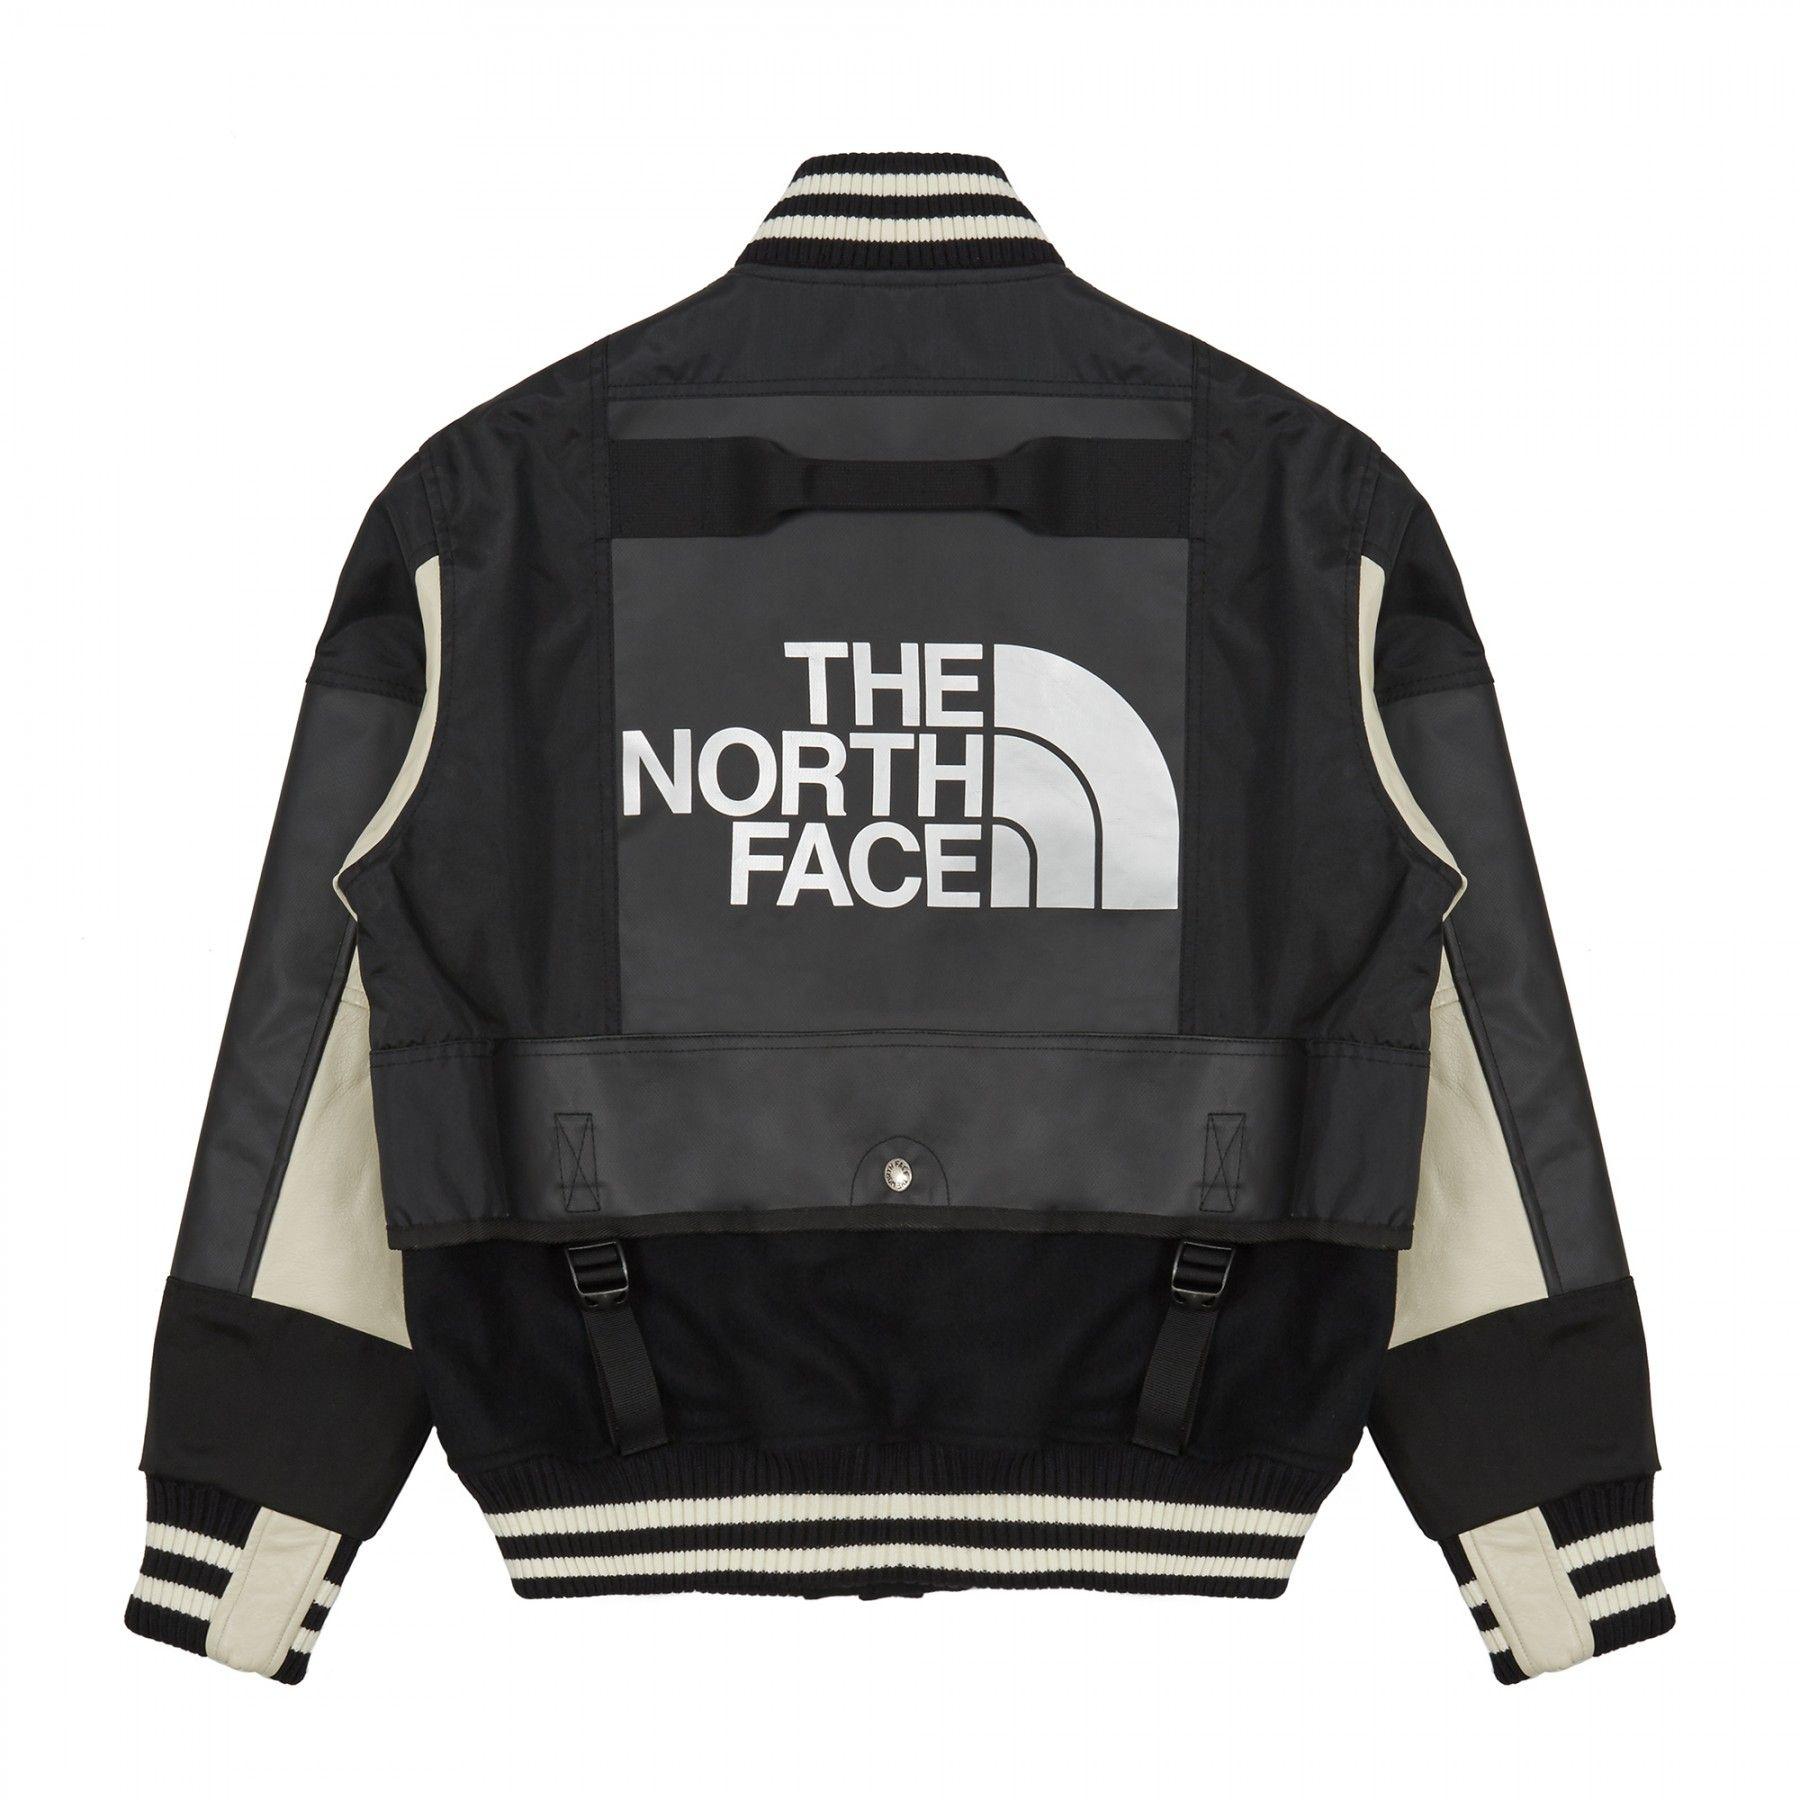 37640754f Junya Watanabe Man x The North Face Daffle Bag Remake Baseball ...